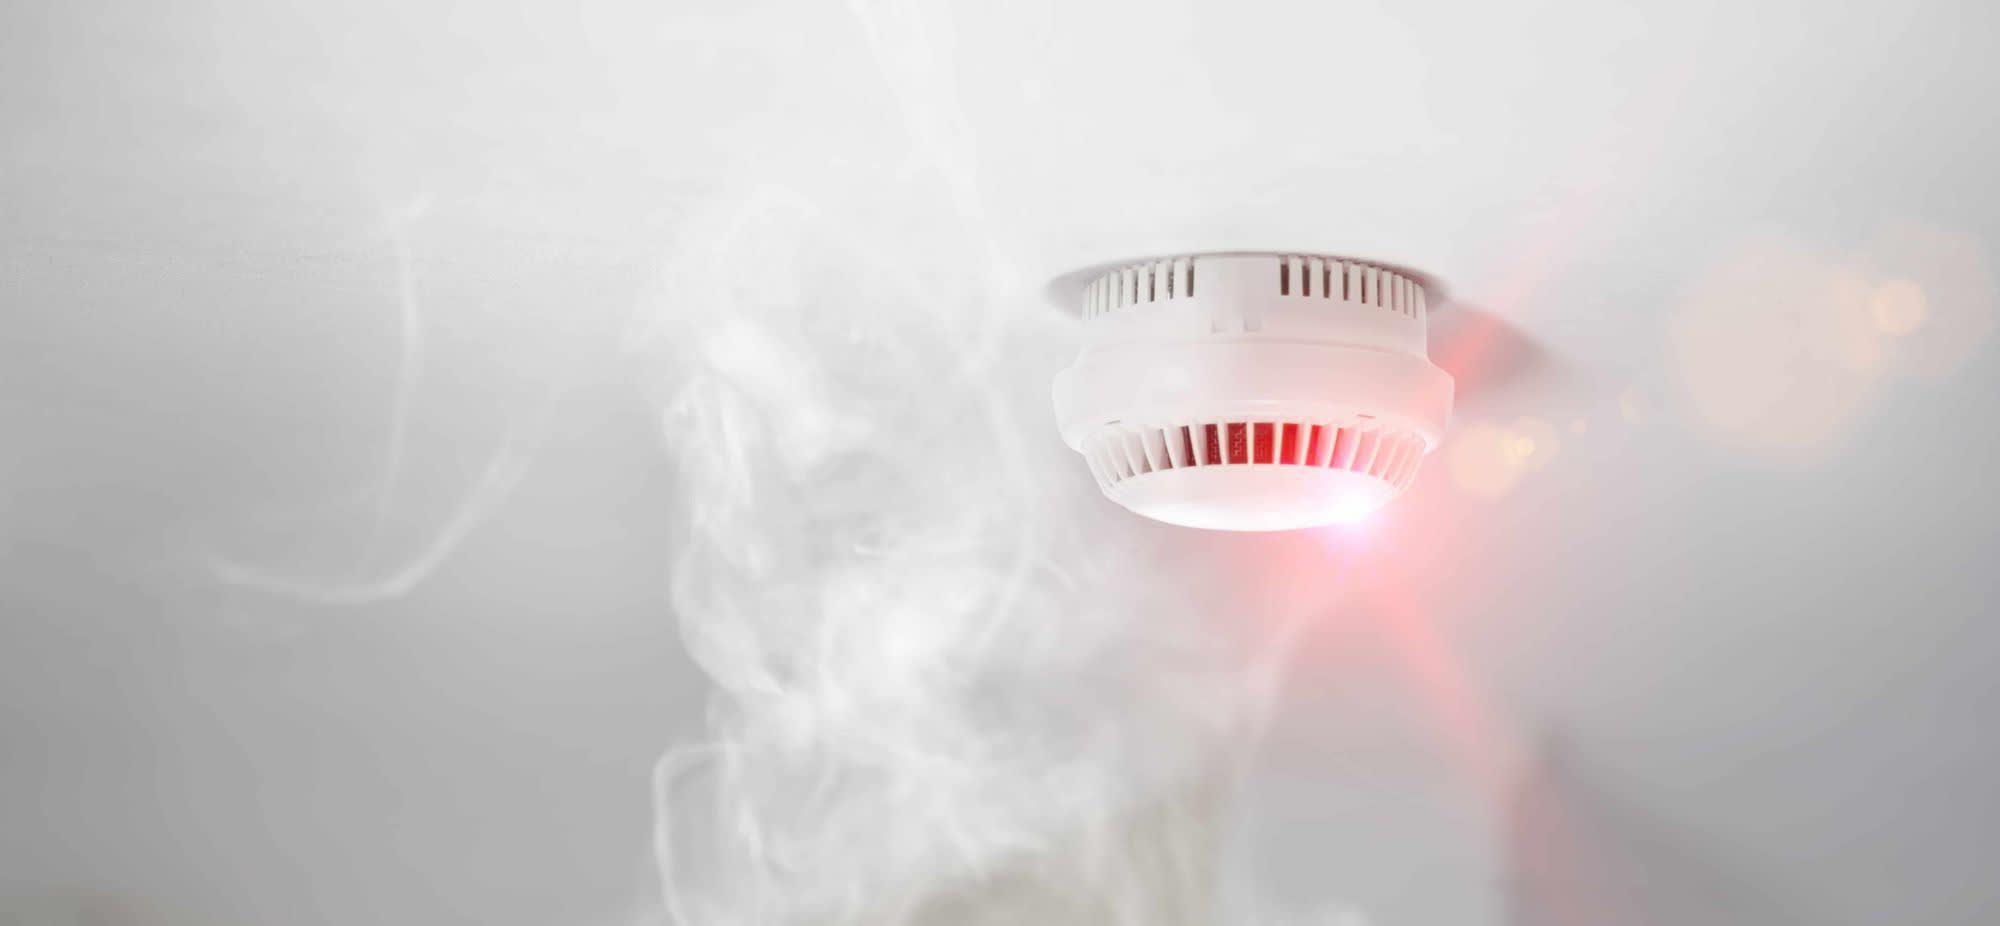 Tout savoir sur les détecteurs de fumée: prévention, législation et nos recommandations